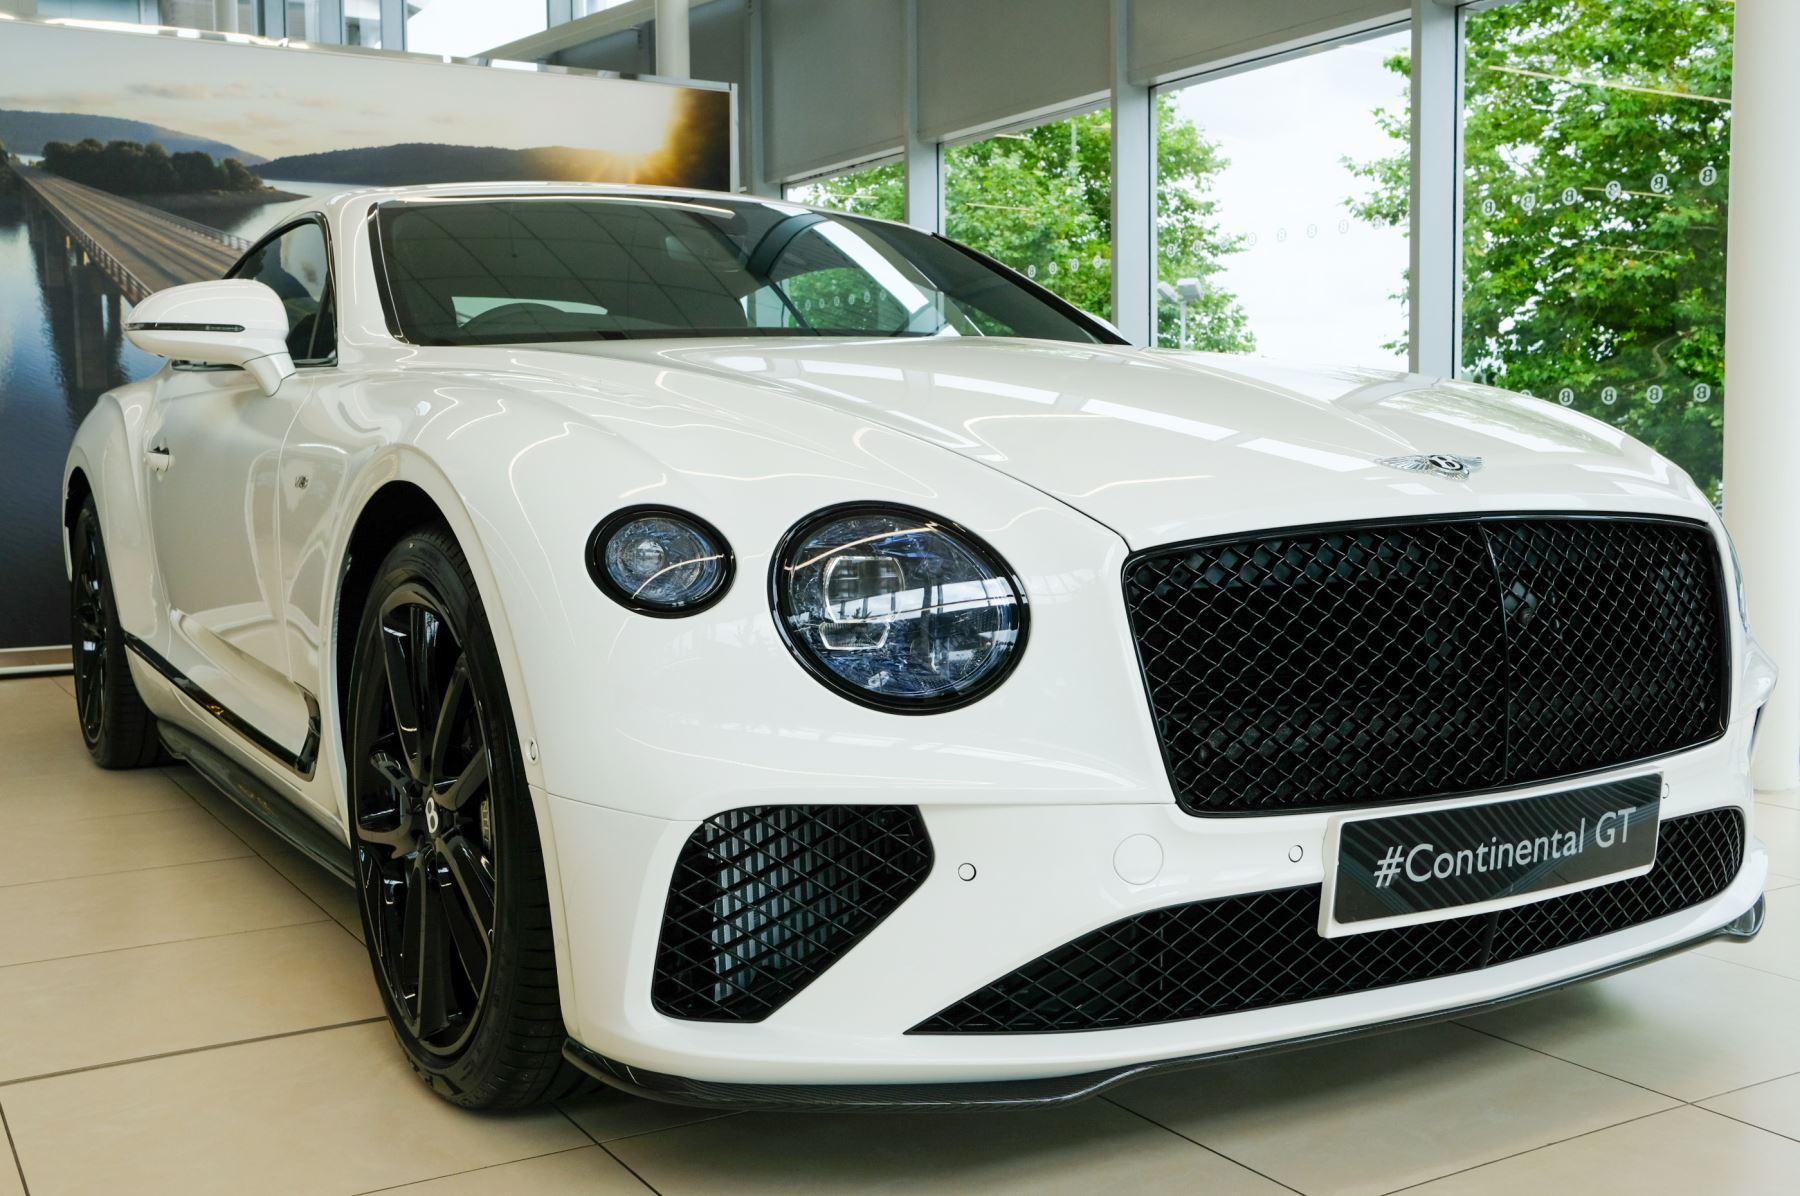 Bentley Continental GT 4.0 V8 - Mulliner Driving Specification - Continental Blackline Specification Automatic 2 door Saloon